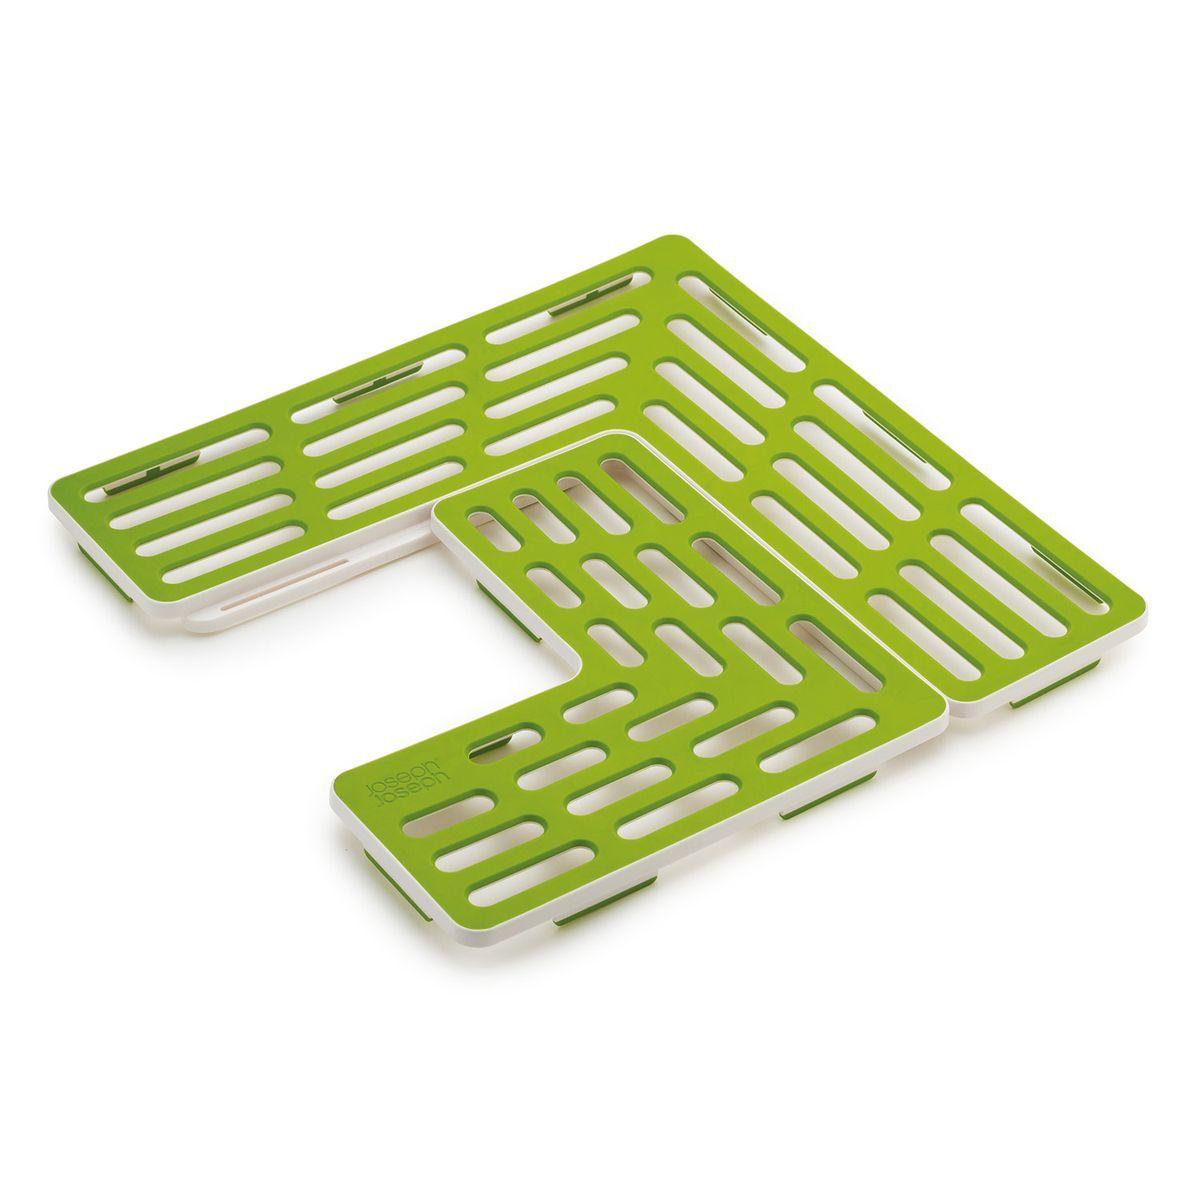 Подложка для раковины Joseph Joseph SinkSaver, цвет: зеленый, белый161250-000Подложка для раковины Joseph Joseph SinkSaver выполнена из термопластичной резины и пластика. Может показаться, что это конструктор, но на самом деле - это подложка, продуманная до мелочей. Она подходит к раковинам разных форматов и адаптируется под сливное отверстие в центре, слева или справа. Прорезиненная поверхность подложки предотвращает повреждение посуды, сколы и царапинки, даже если вы ее уроните. Так же защищена и сама раковина, она всегда будет выглядеть как новая. Минимальный размер раковины: 31 х 31 см. Максимальный размер подложки: 28 см х 28 см.